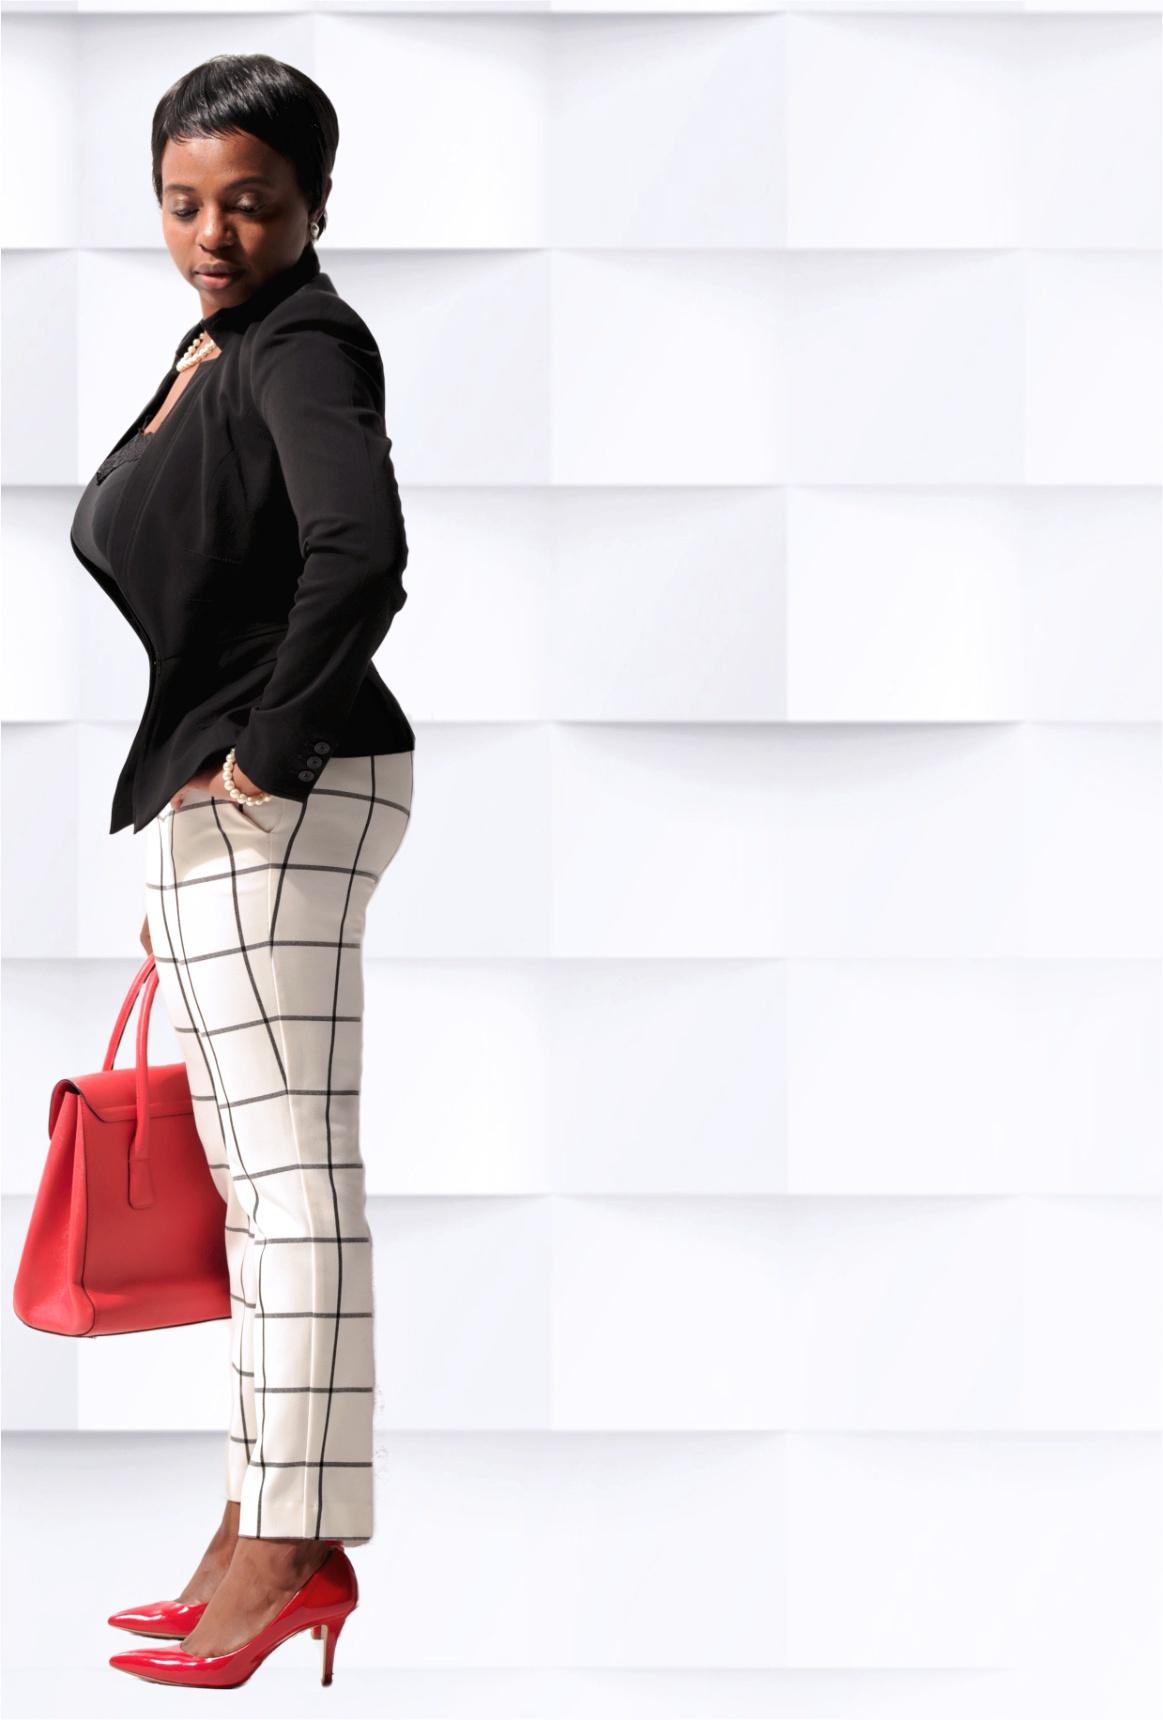 Lucie matsouaka emmergence de l'entrepreneur